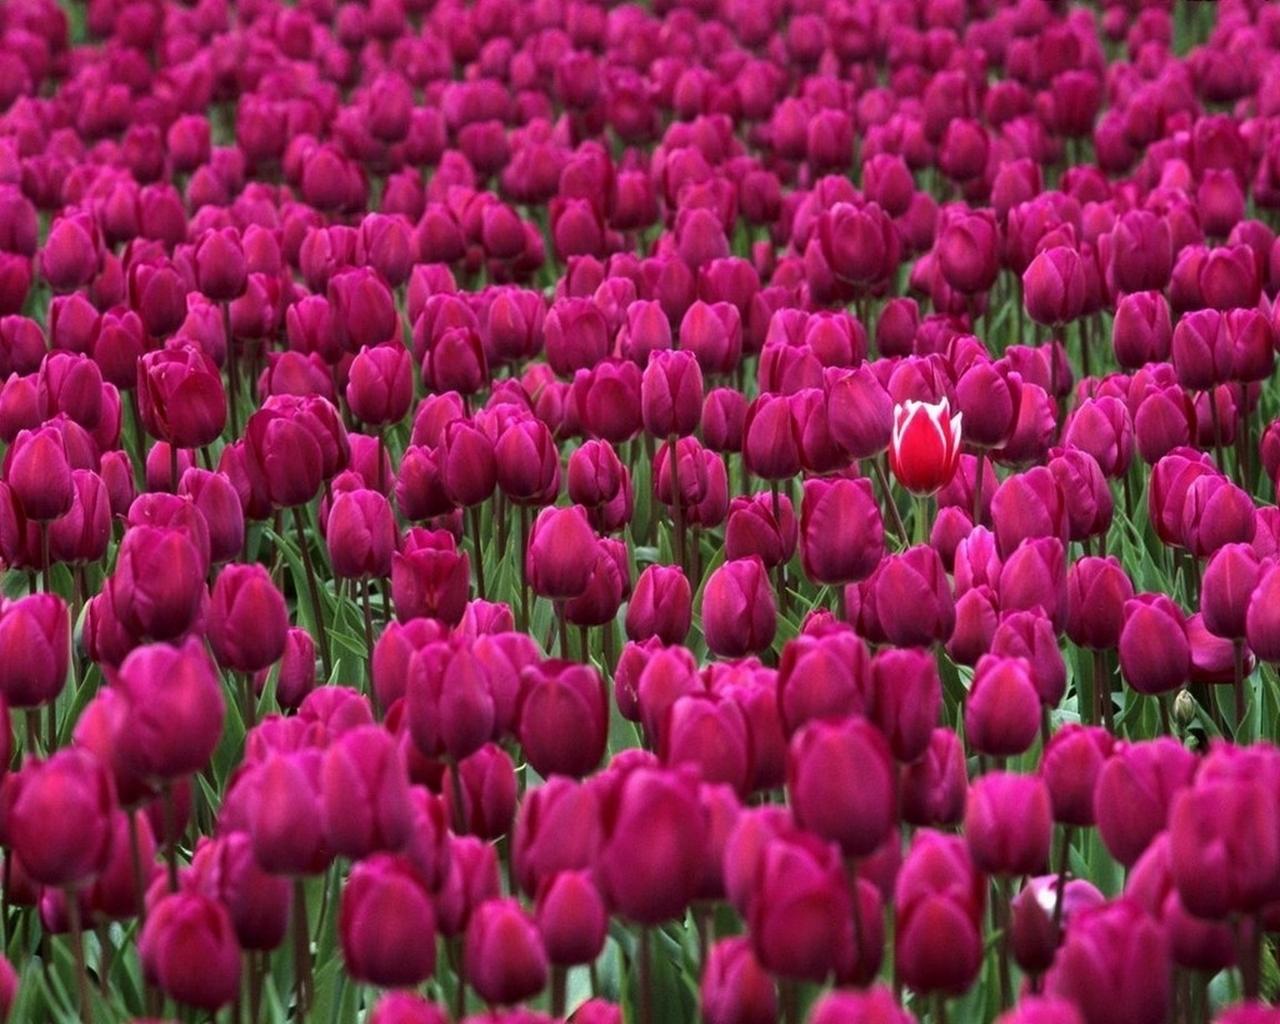 2708 скачать обои Растения, Цветы, Фон, Тюльпаны - заставки и картинки бесплатно